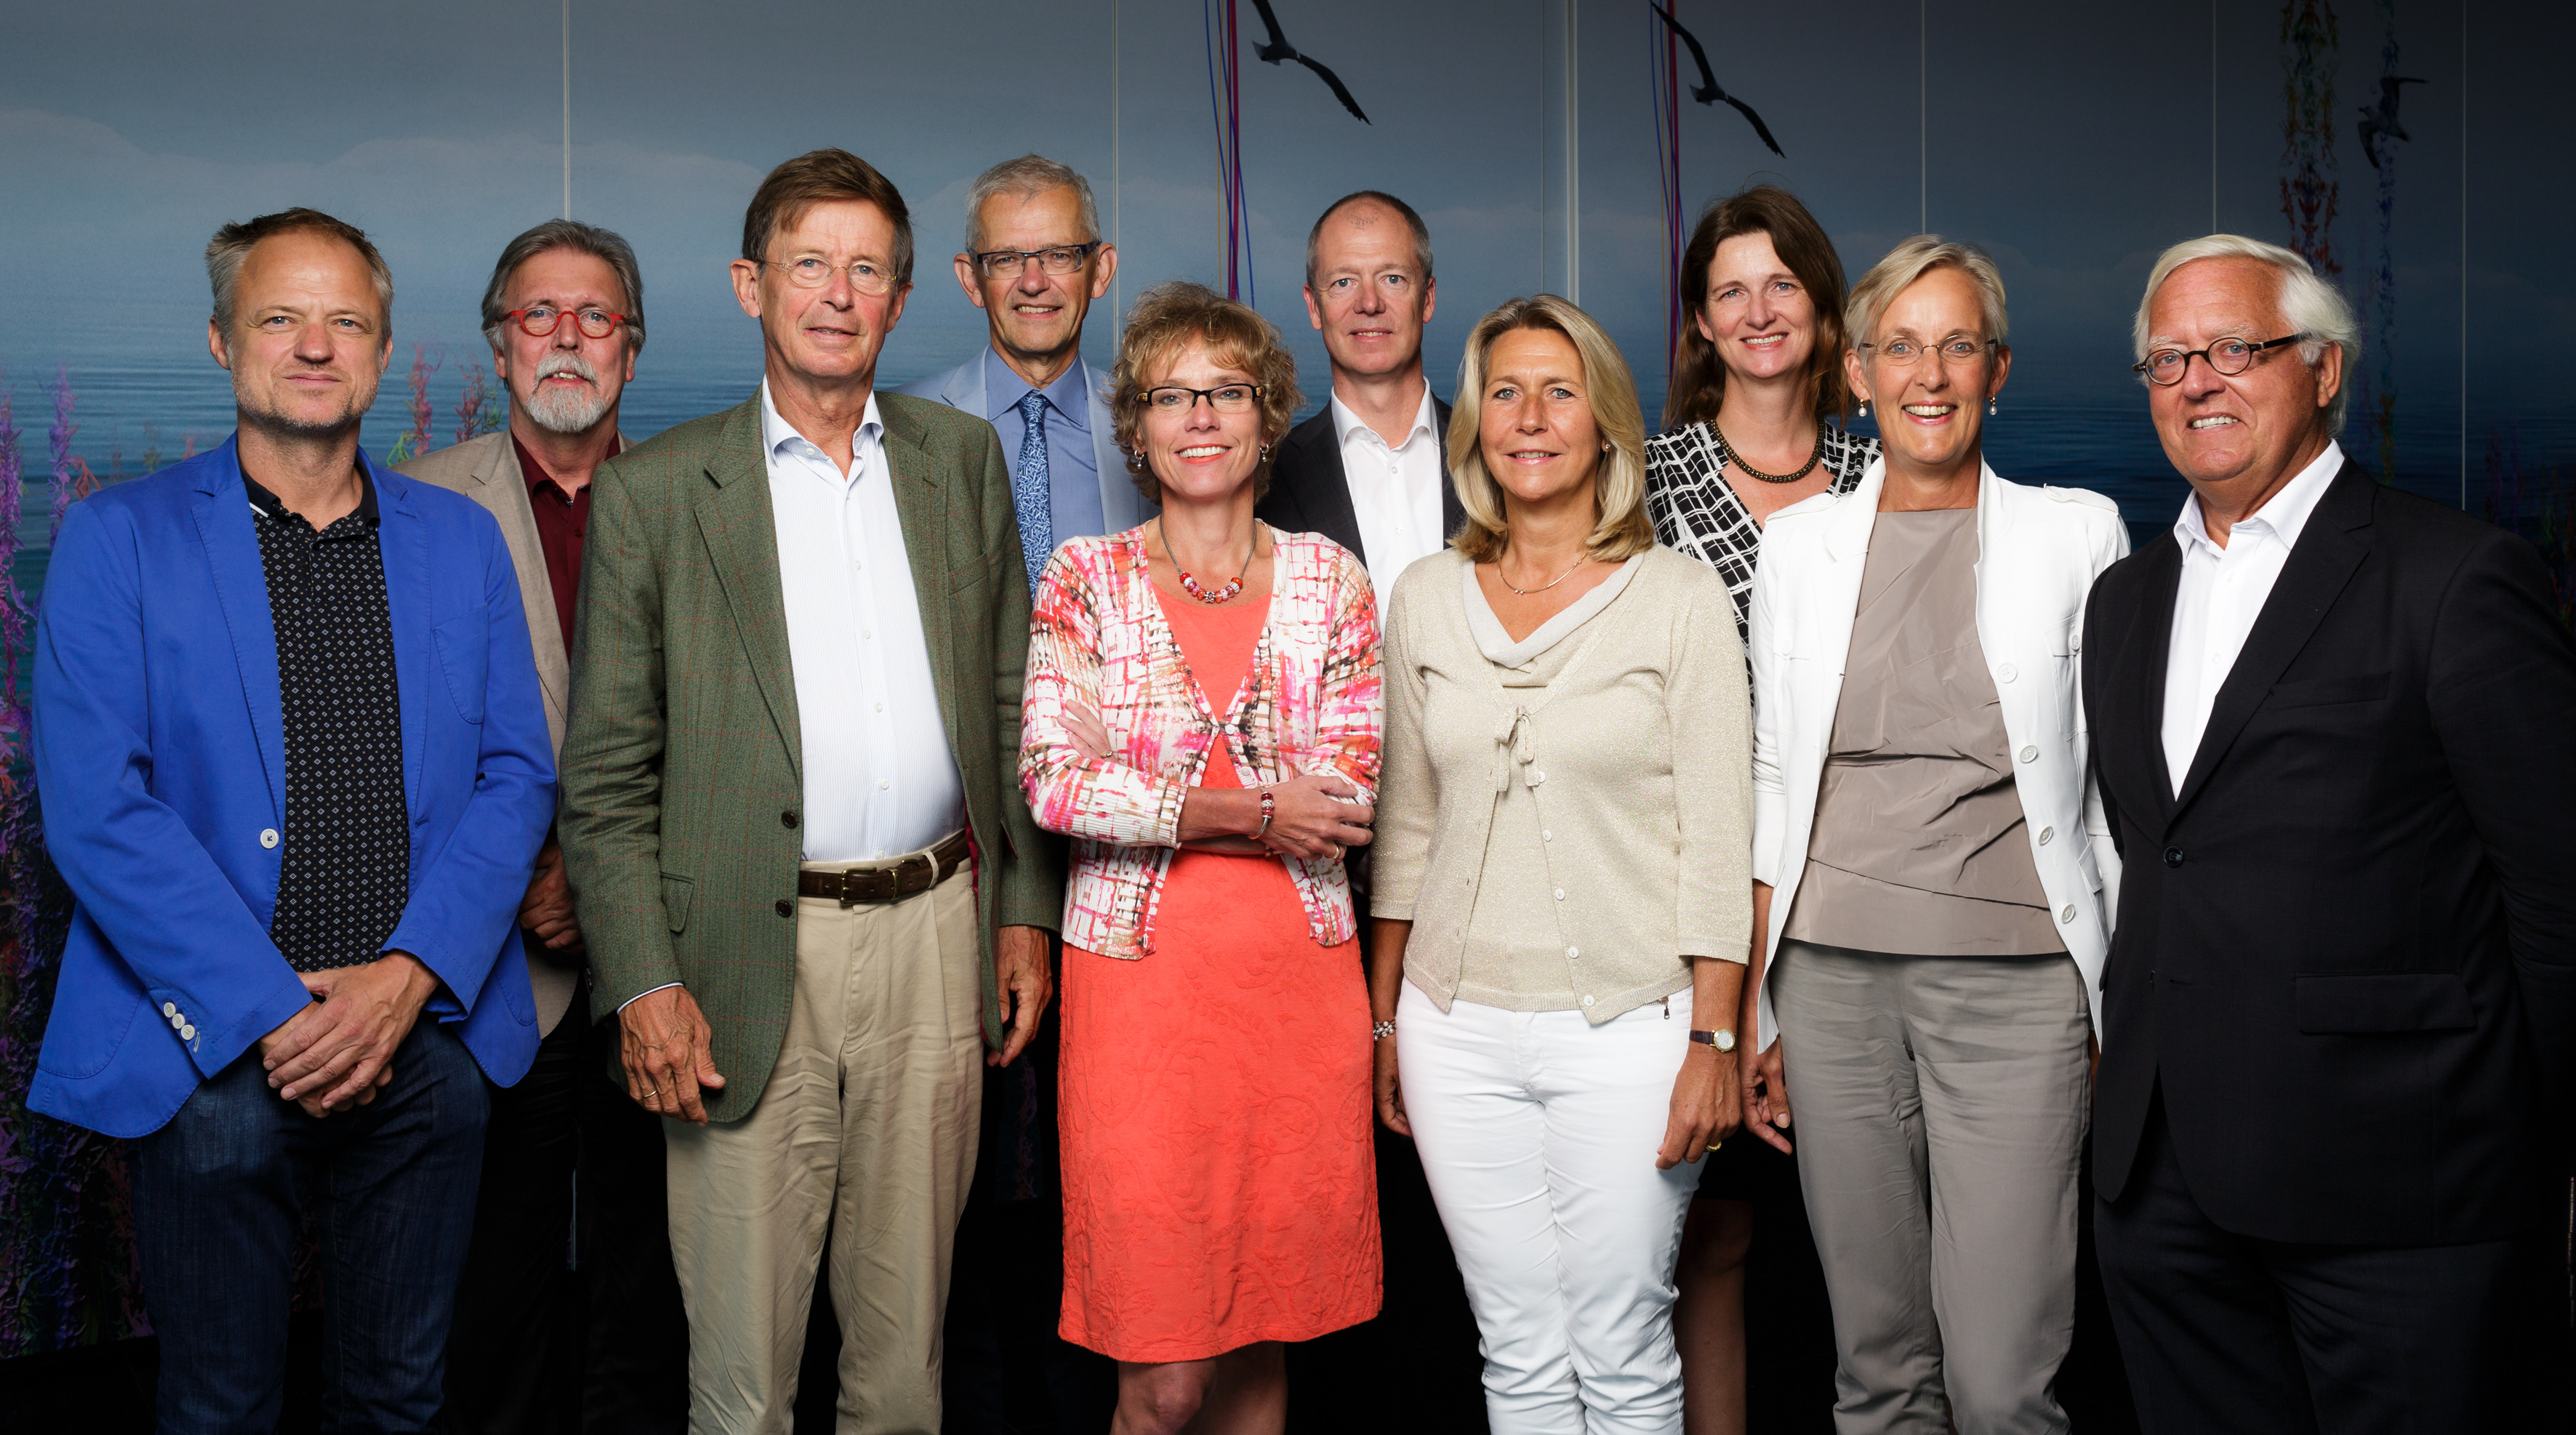 Groepsfoto van de Raad voor de leefomgeving en infrastructuctuur